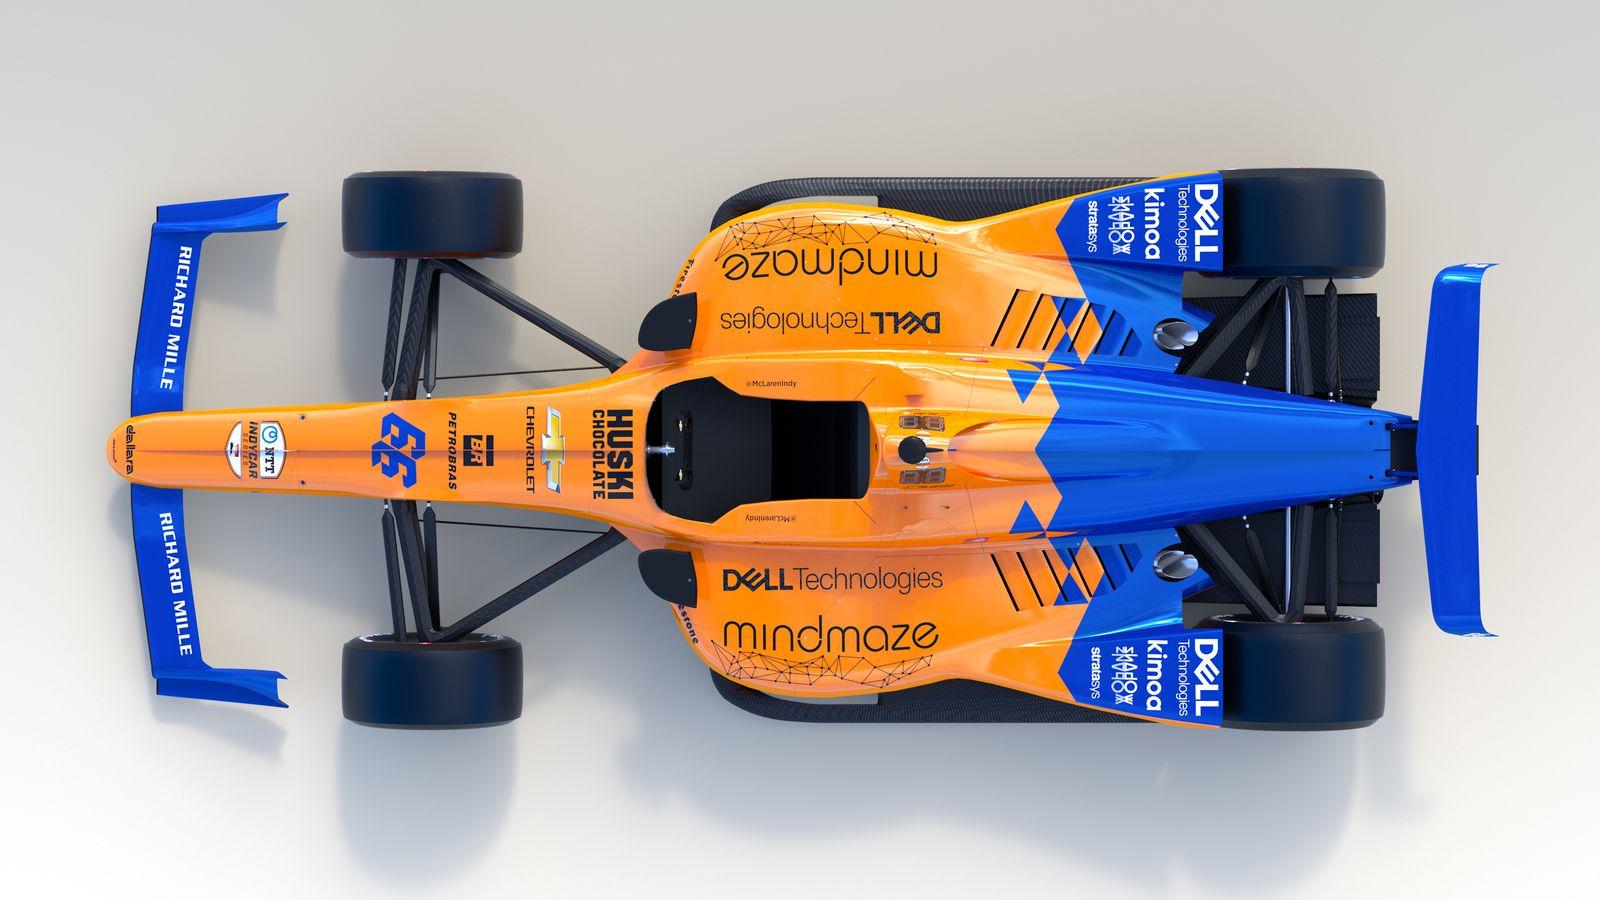 McLaren Racing   McLaren Racing unveils Indy 500 livery 1600x900